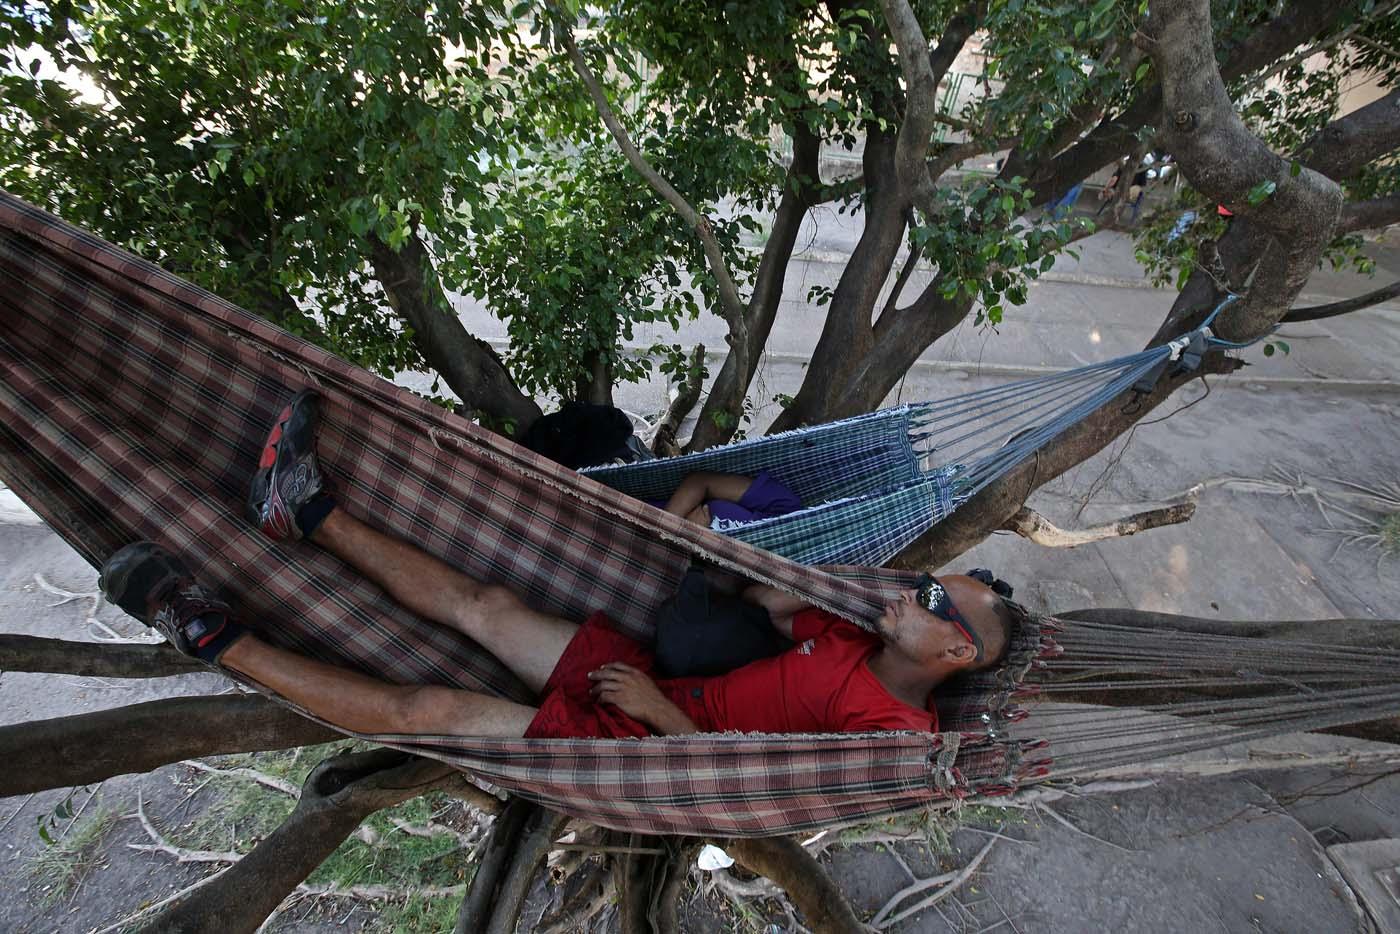 """ACOMPAÑA CRÓNICA: BRASIL VENEZUELA BRA08. BOA VISTA (BRASIL), 22/10/2016.- Los venezolanos José Antonio Garrido (d) y Sairelis Ríos (i) duermen en sus hamacas este jueves, 20 de octubre de 2016, frente a la terminal de autobuses de Boa Vista, estado de Roraima (Brasil). Es venezolana, tiene 20 años, quiere ser traductora y hoy, en una hamaca colgada en un árbol que ha convertido en su casa en la ciudad brasileña de Boa Vista, mece unos sueños que, según aseguró, no serán truncados por """"el fracaso de una revolución"""". """"No estoy aquí por política. Lo que me trajo aquí fue el fracaso de unas políticas"""", dijo a Efe Sairelis Ríos, quien junto a su madre Keila y una decena de venezolanos vive en plena calle, frente a la terminal de autobuses de Boa Vista, una ciudad que en los últimos meses ha recibido unos 2.500 emigrantes de ese país vecino. EFE/Marcelo Sayão"""